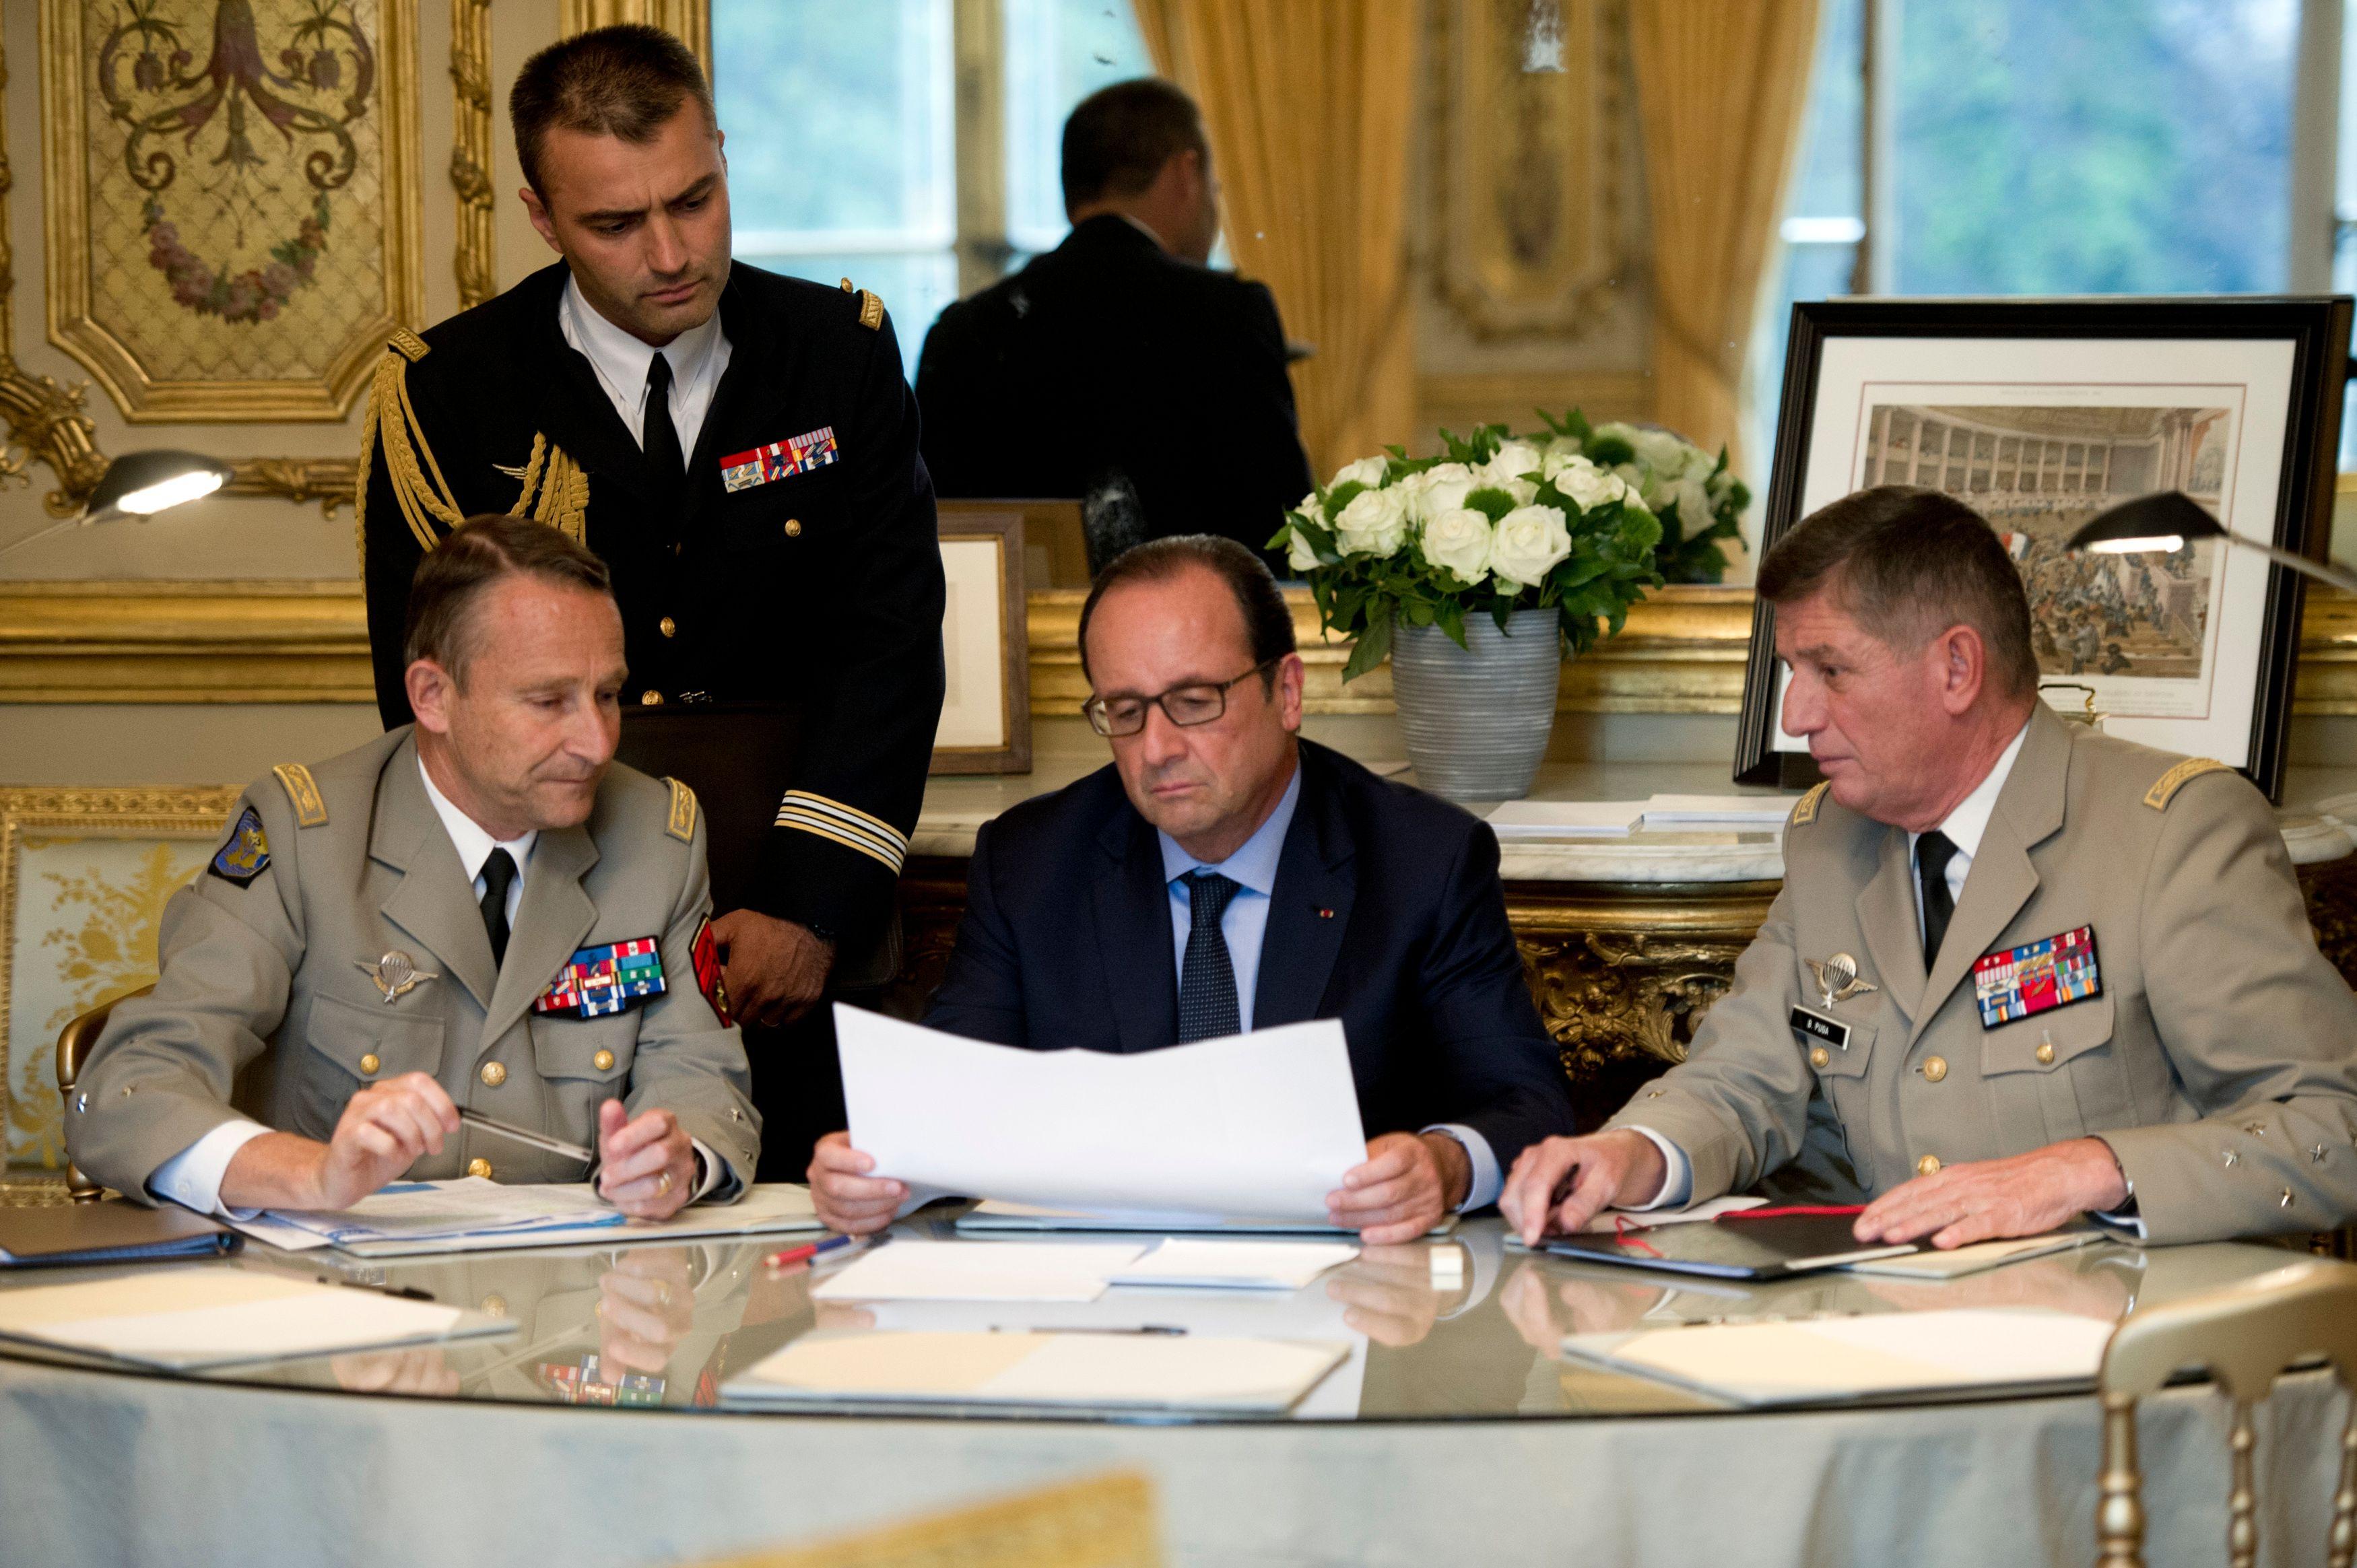 Les 3,8 milliards d'euros de crédit seront alloués au ministère de la Défense d'ici à 2019.